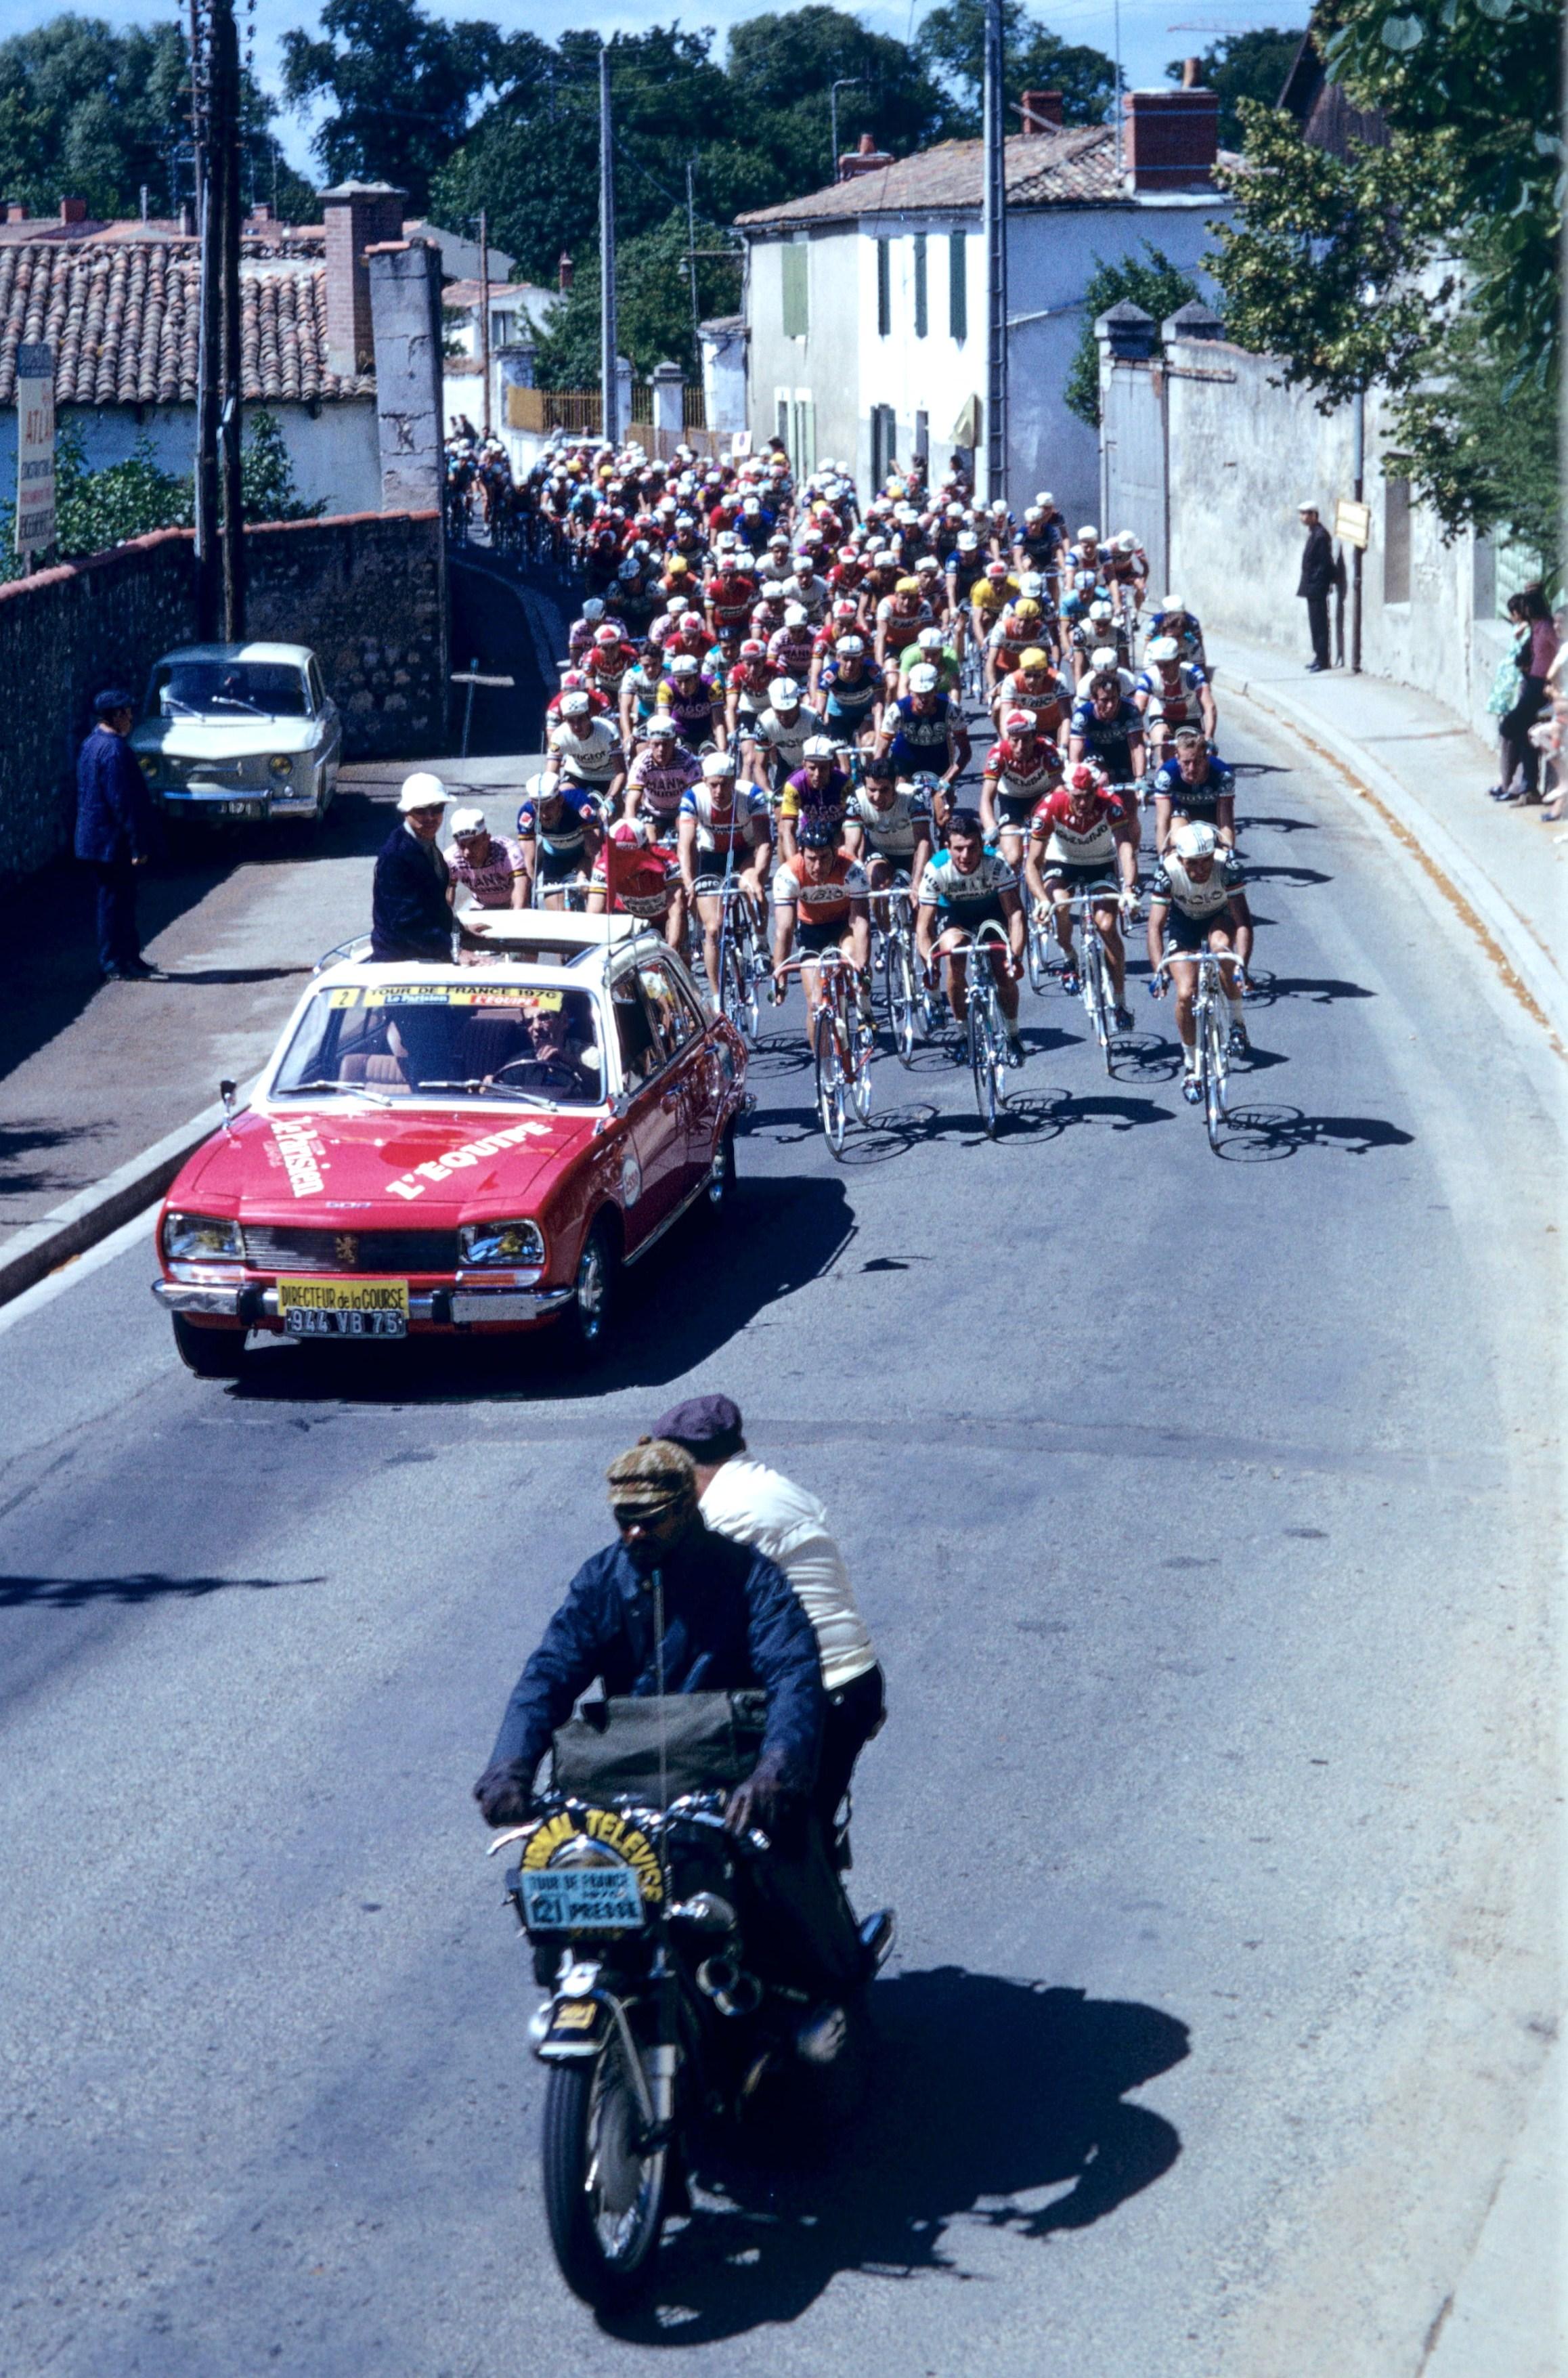 1970 in France